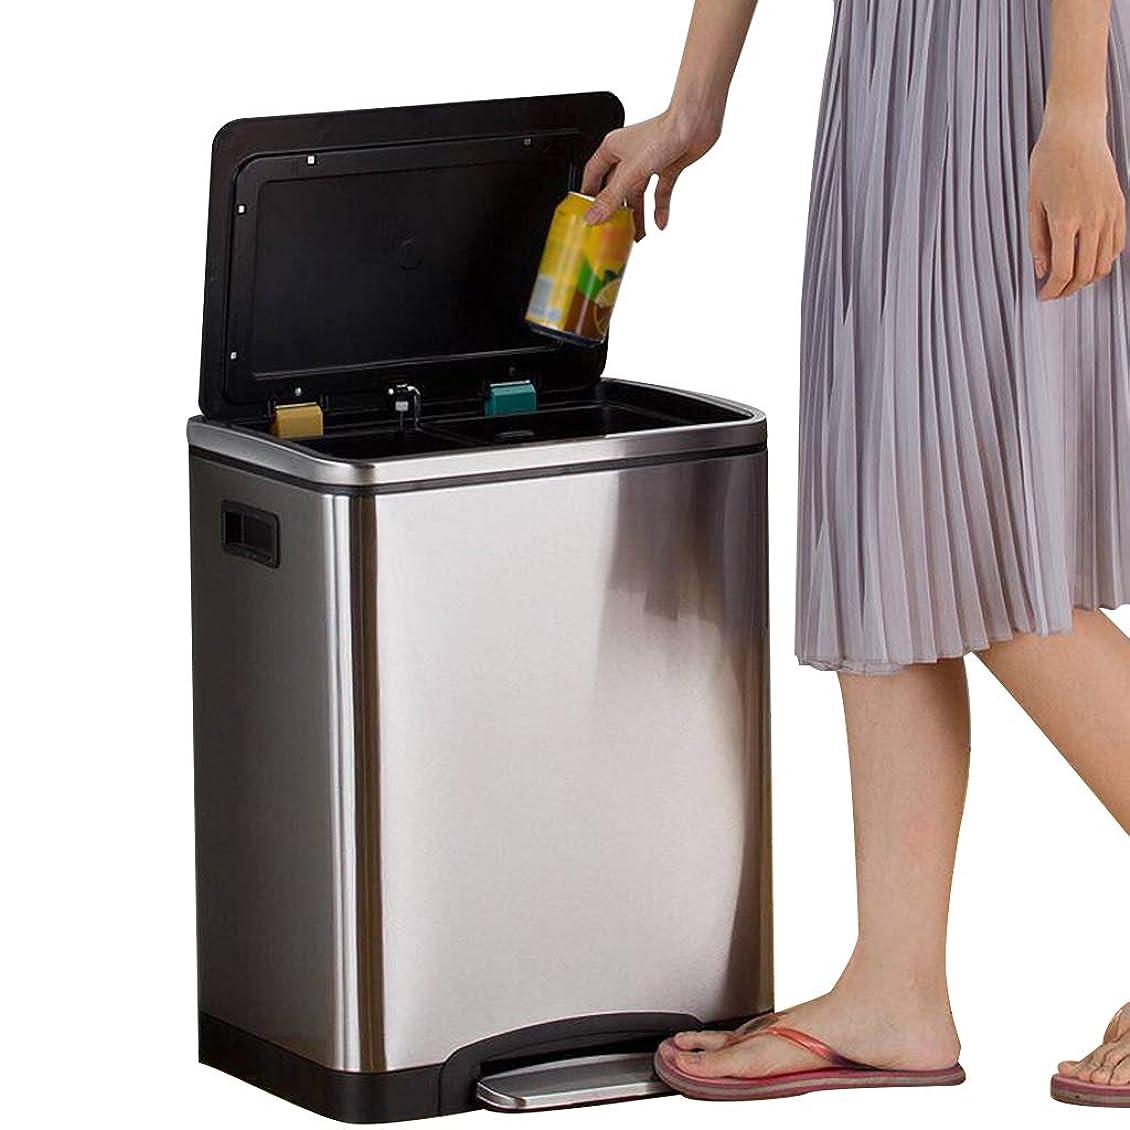 満了みすぼらしいバックHOHO 内部分類された大箱が付いているごみ箱のゴミ箱、ふたが付いている浴室の大箱、2つの取り外し可能な内部のバケツが付いているステンレス製の屑の不用なゴミ箱